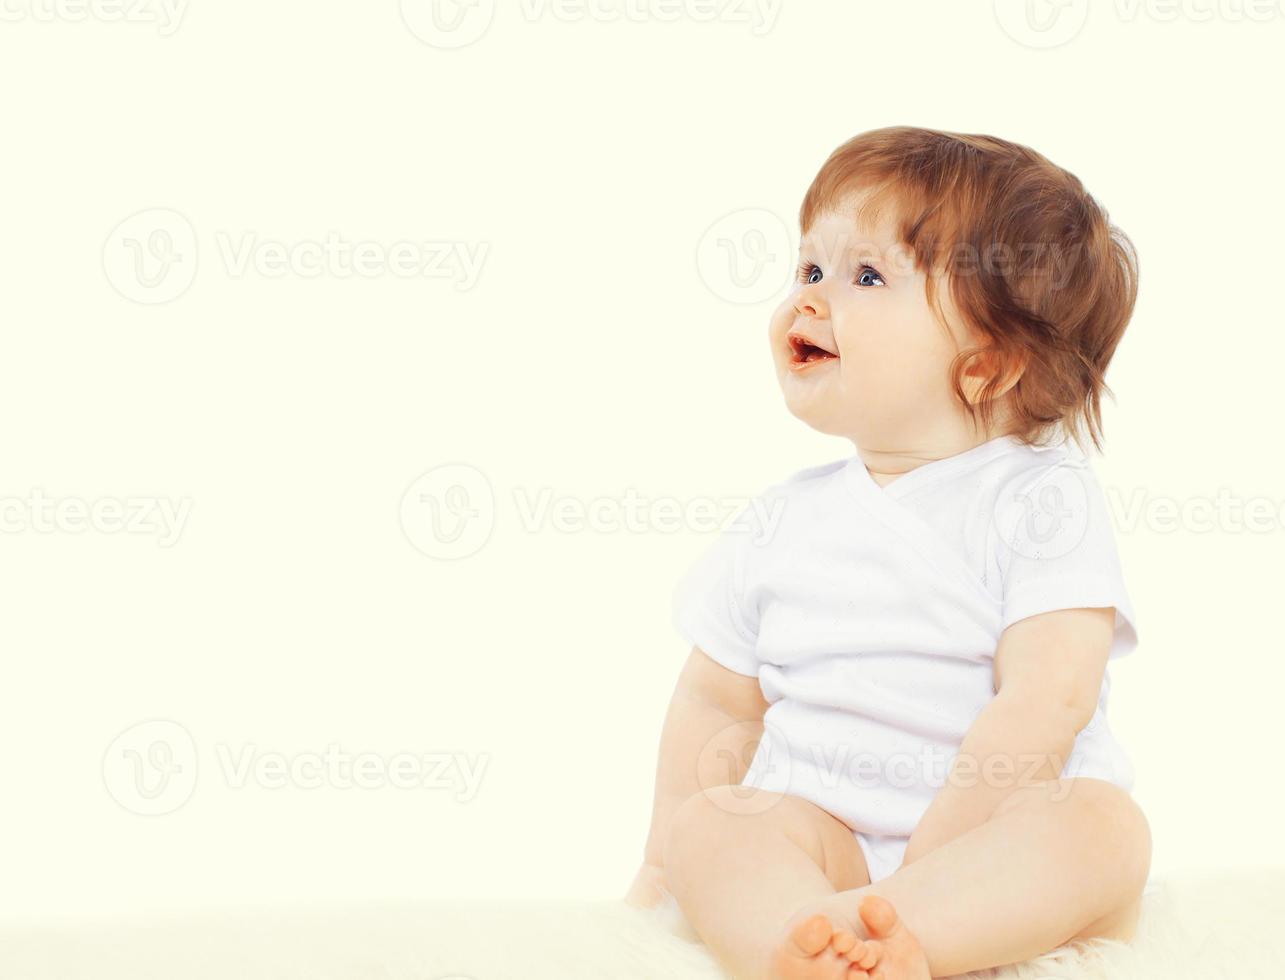 doce bebê sentado e olhando para longe, copie o espaço foto